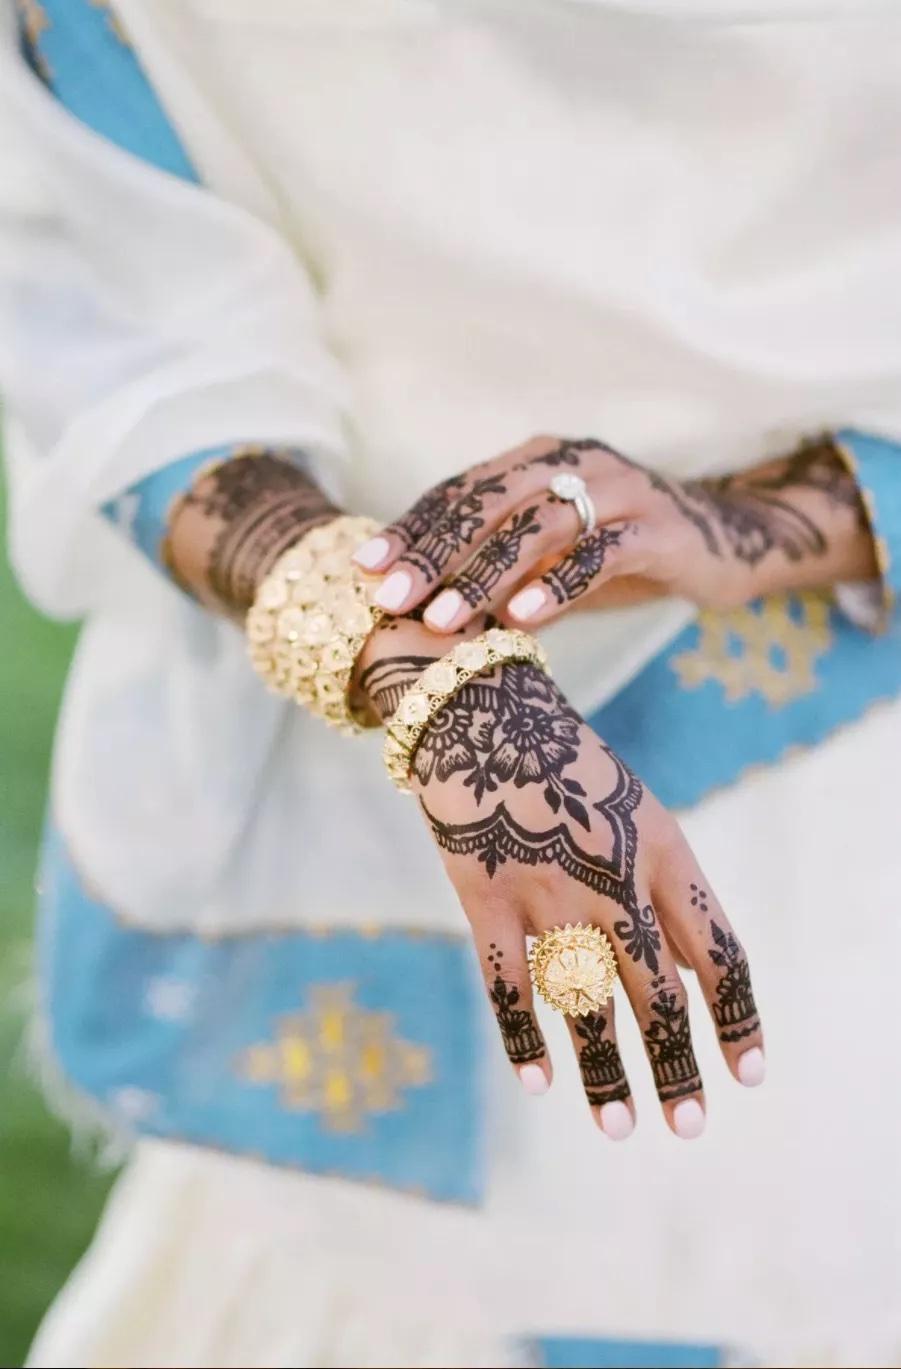 Tendencias en manicure para novias 2021 2022 - Tamara Gruner - Wedding Hub - 02